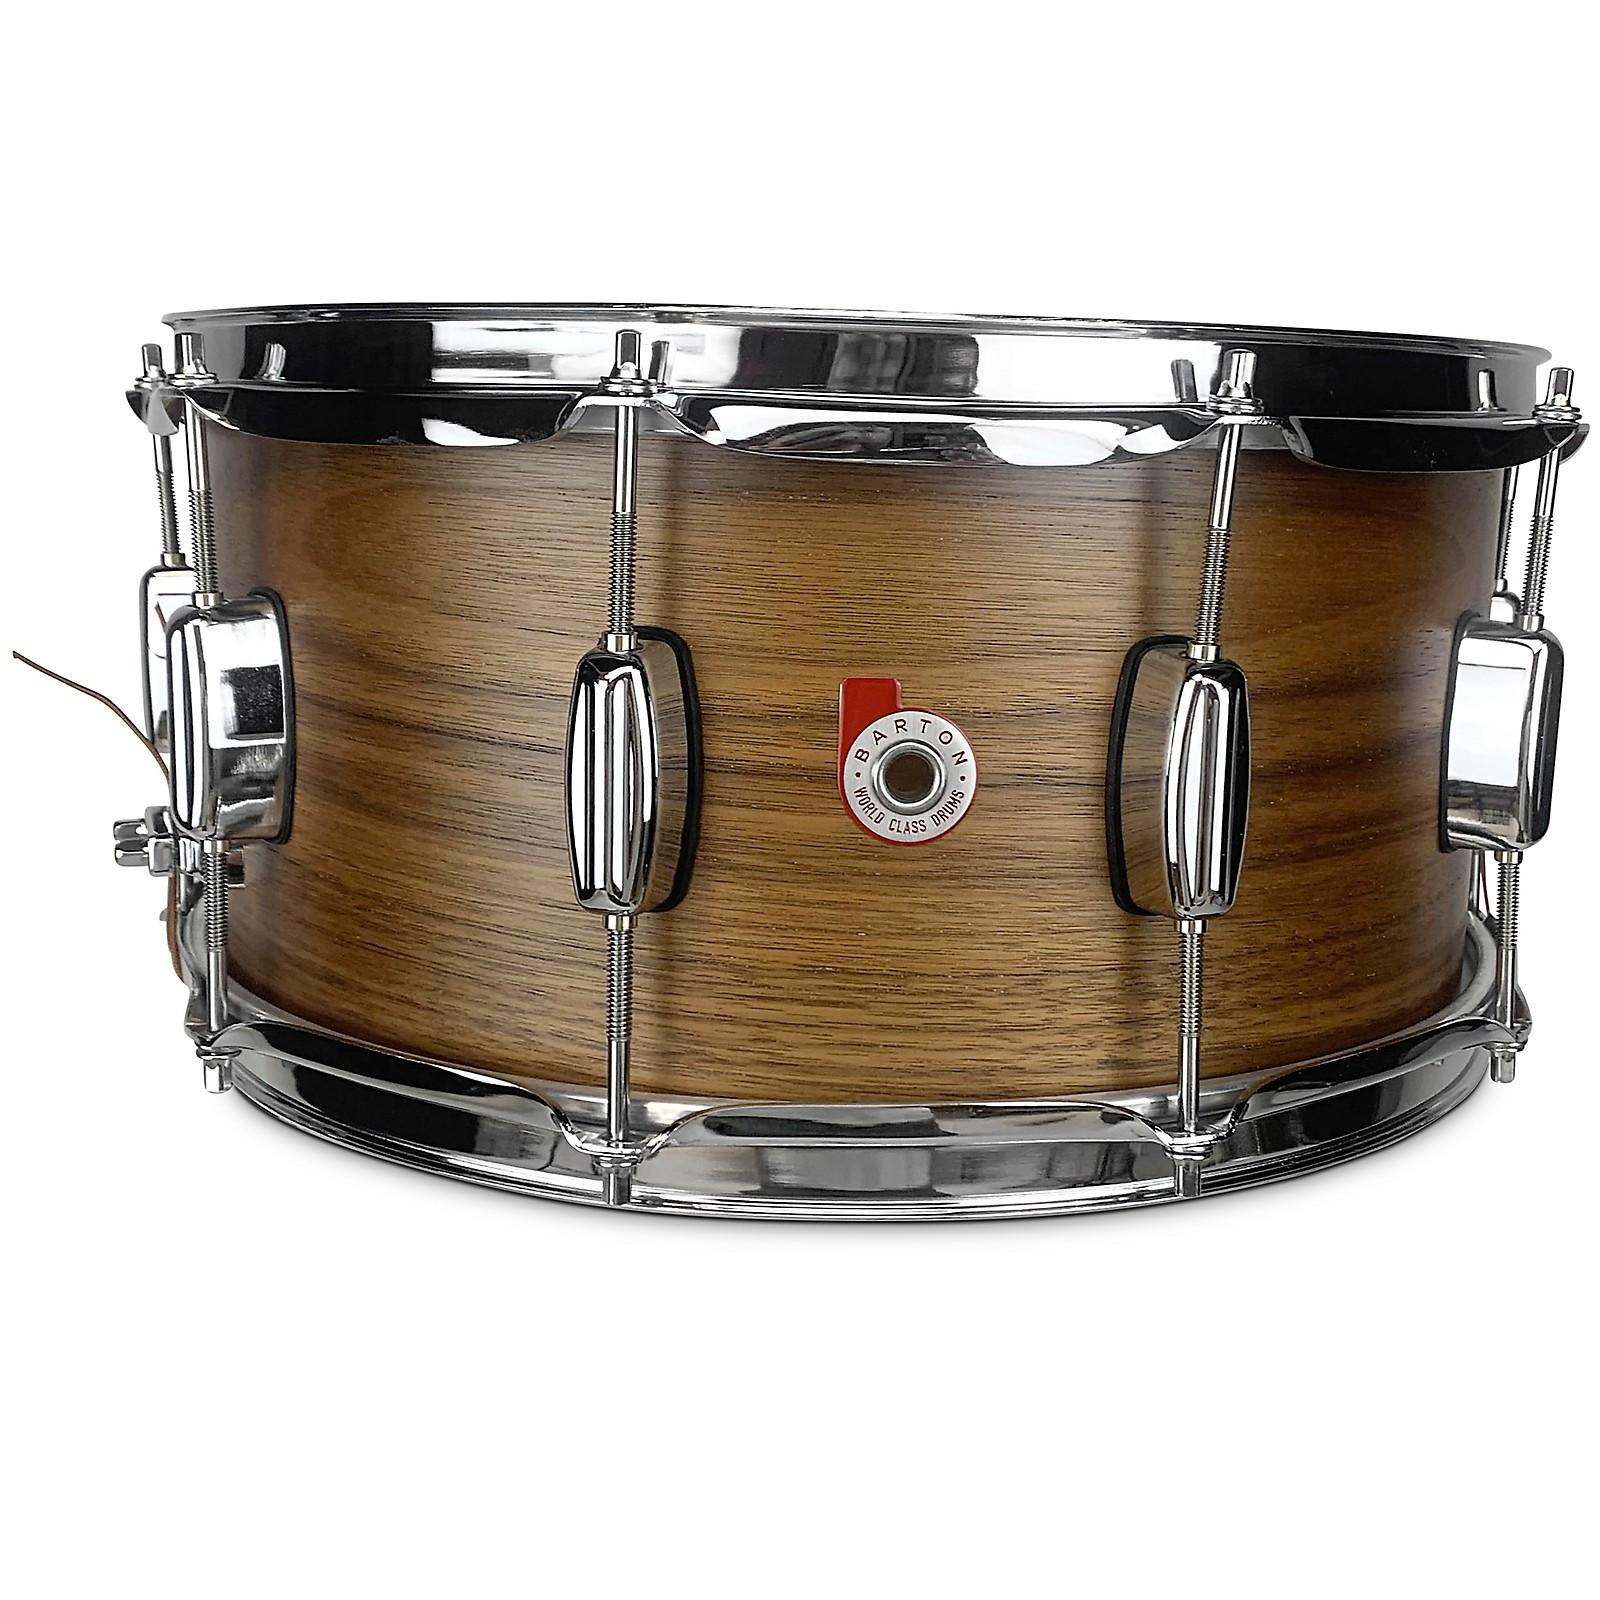 Barton Drums Walnut Snare Drum